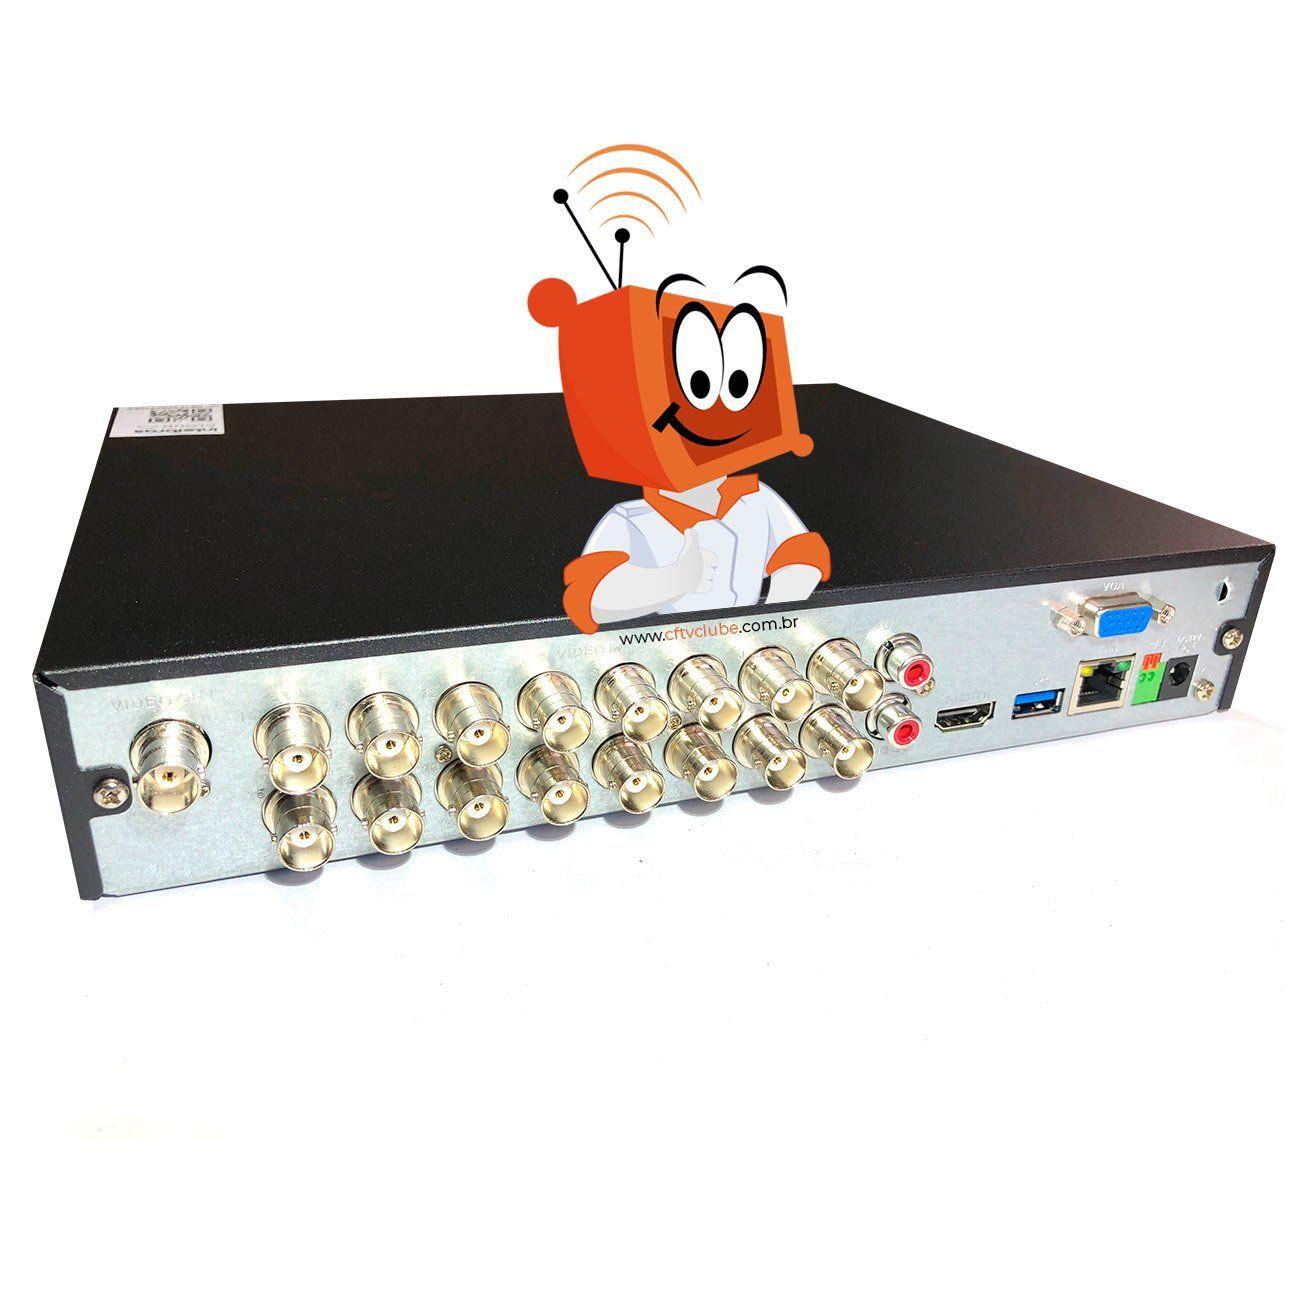 Kit de Câmeras Monitoramento Profissional Alta Definição Full HD Intelbras 16 canais MHDX 1080p - Completo  - CFTV Clube | Brasil